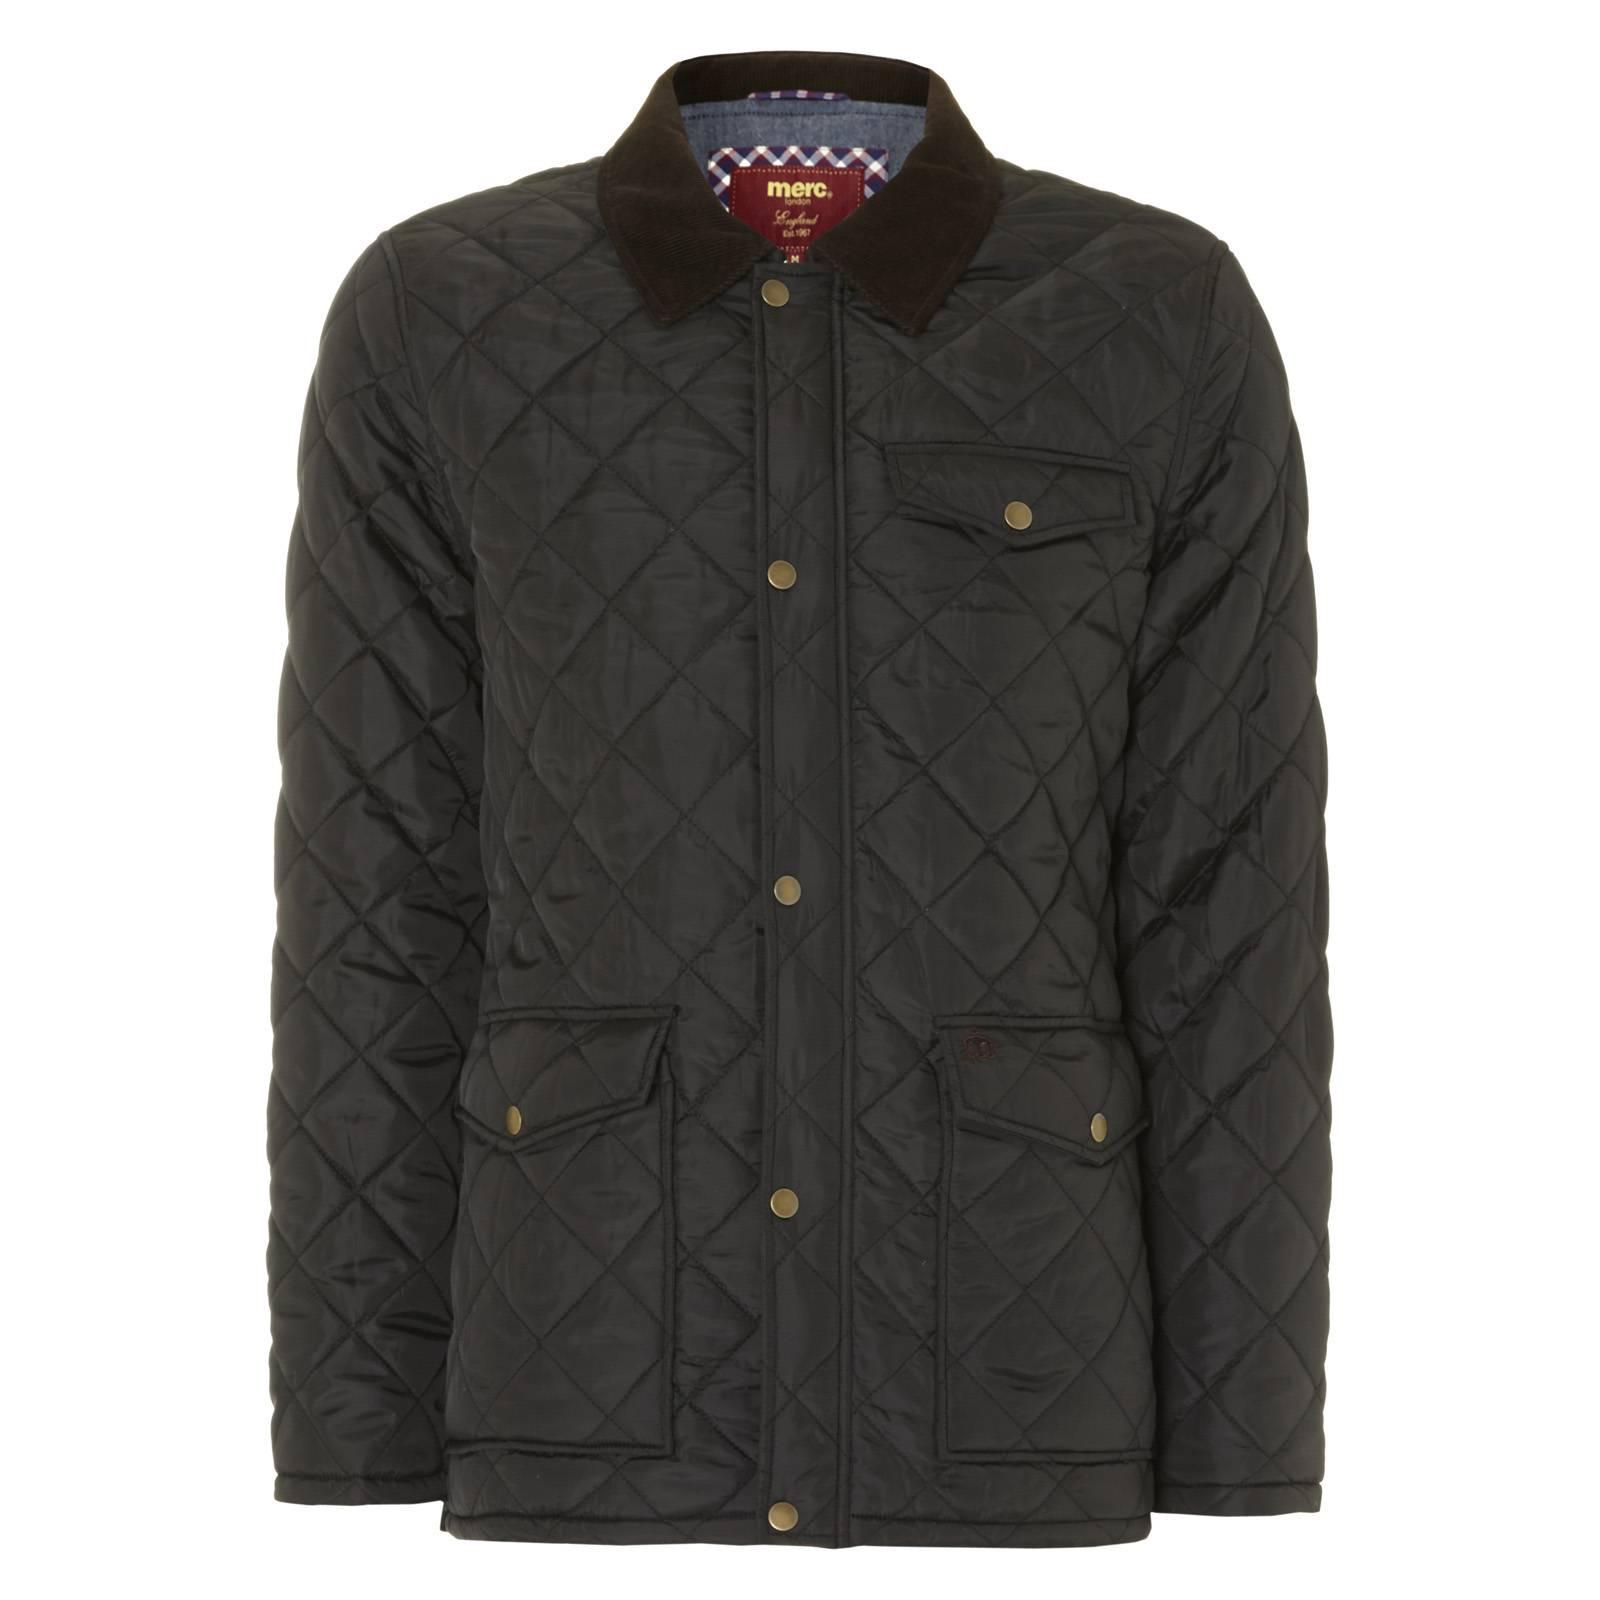 Куртка AlcesterВерхняя одежда<br>Классическая мужская стеганная куртка прямого фасона с вельветовым воротником и накладными карманами - истинно британский must-have городского casual гардероба на осенний сезон и раннюю весну. Идеально сочетается с button-down рубашками в классическую английскую клетку &amp;amp;quot;гинем&amp;amp;quot; или орнаментом пейсли, замшевыми дезертами и крупными наручными часами с кожаным ремешком. Воротник следует носить поднятым, а молнию не застегивать до конца таким образом, чтобы через куртку отчетливо просматривался крупный или среднего размера клетчатый или огуречный узор. Имеет внутренний карман, утеплена тонким синтепоновым слоем, рассчитанным на безветренную погоду до минус 2 градусов.<br><br>Артикул: 1114205<br>Материал: 100% полиэстер. Подкладка - 100% хлопок<br>Цвет: черный<br>Пол: Мужской